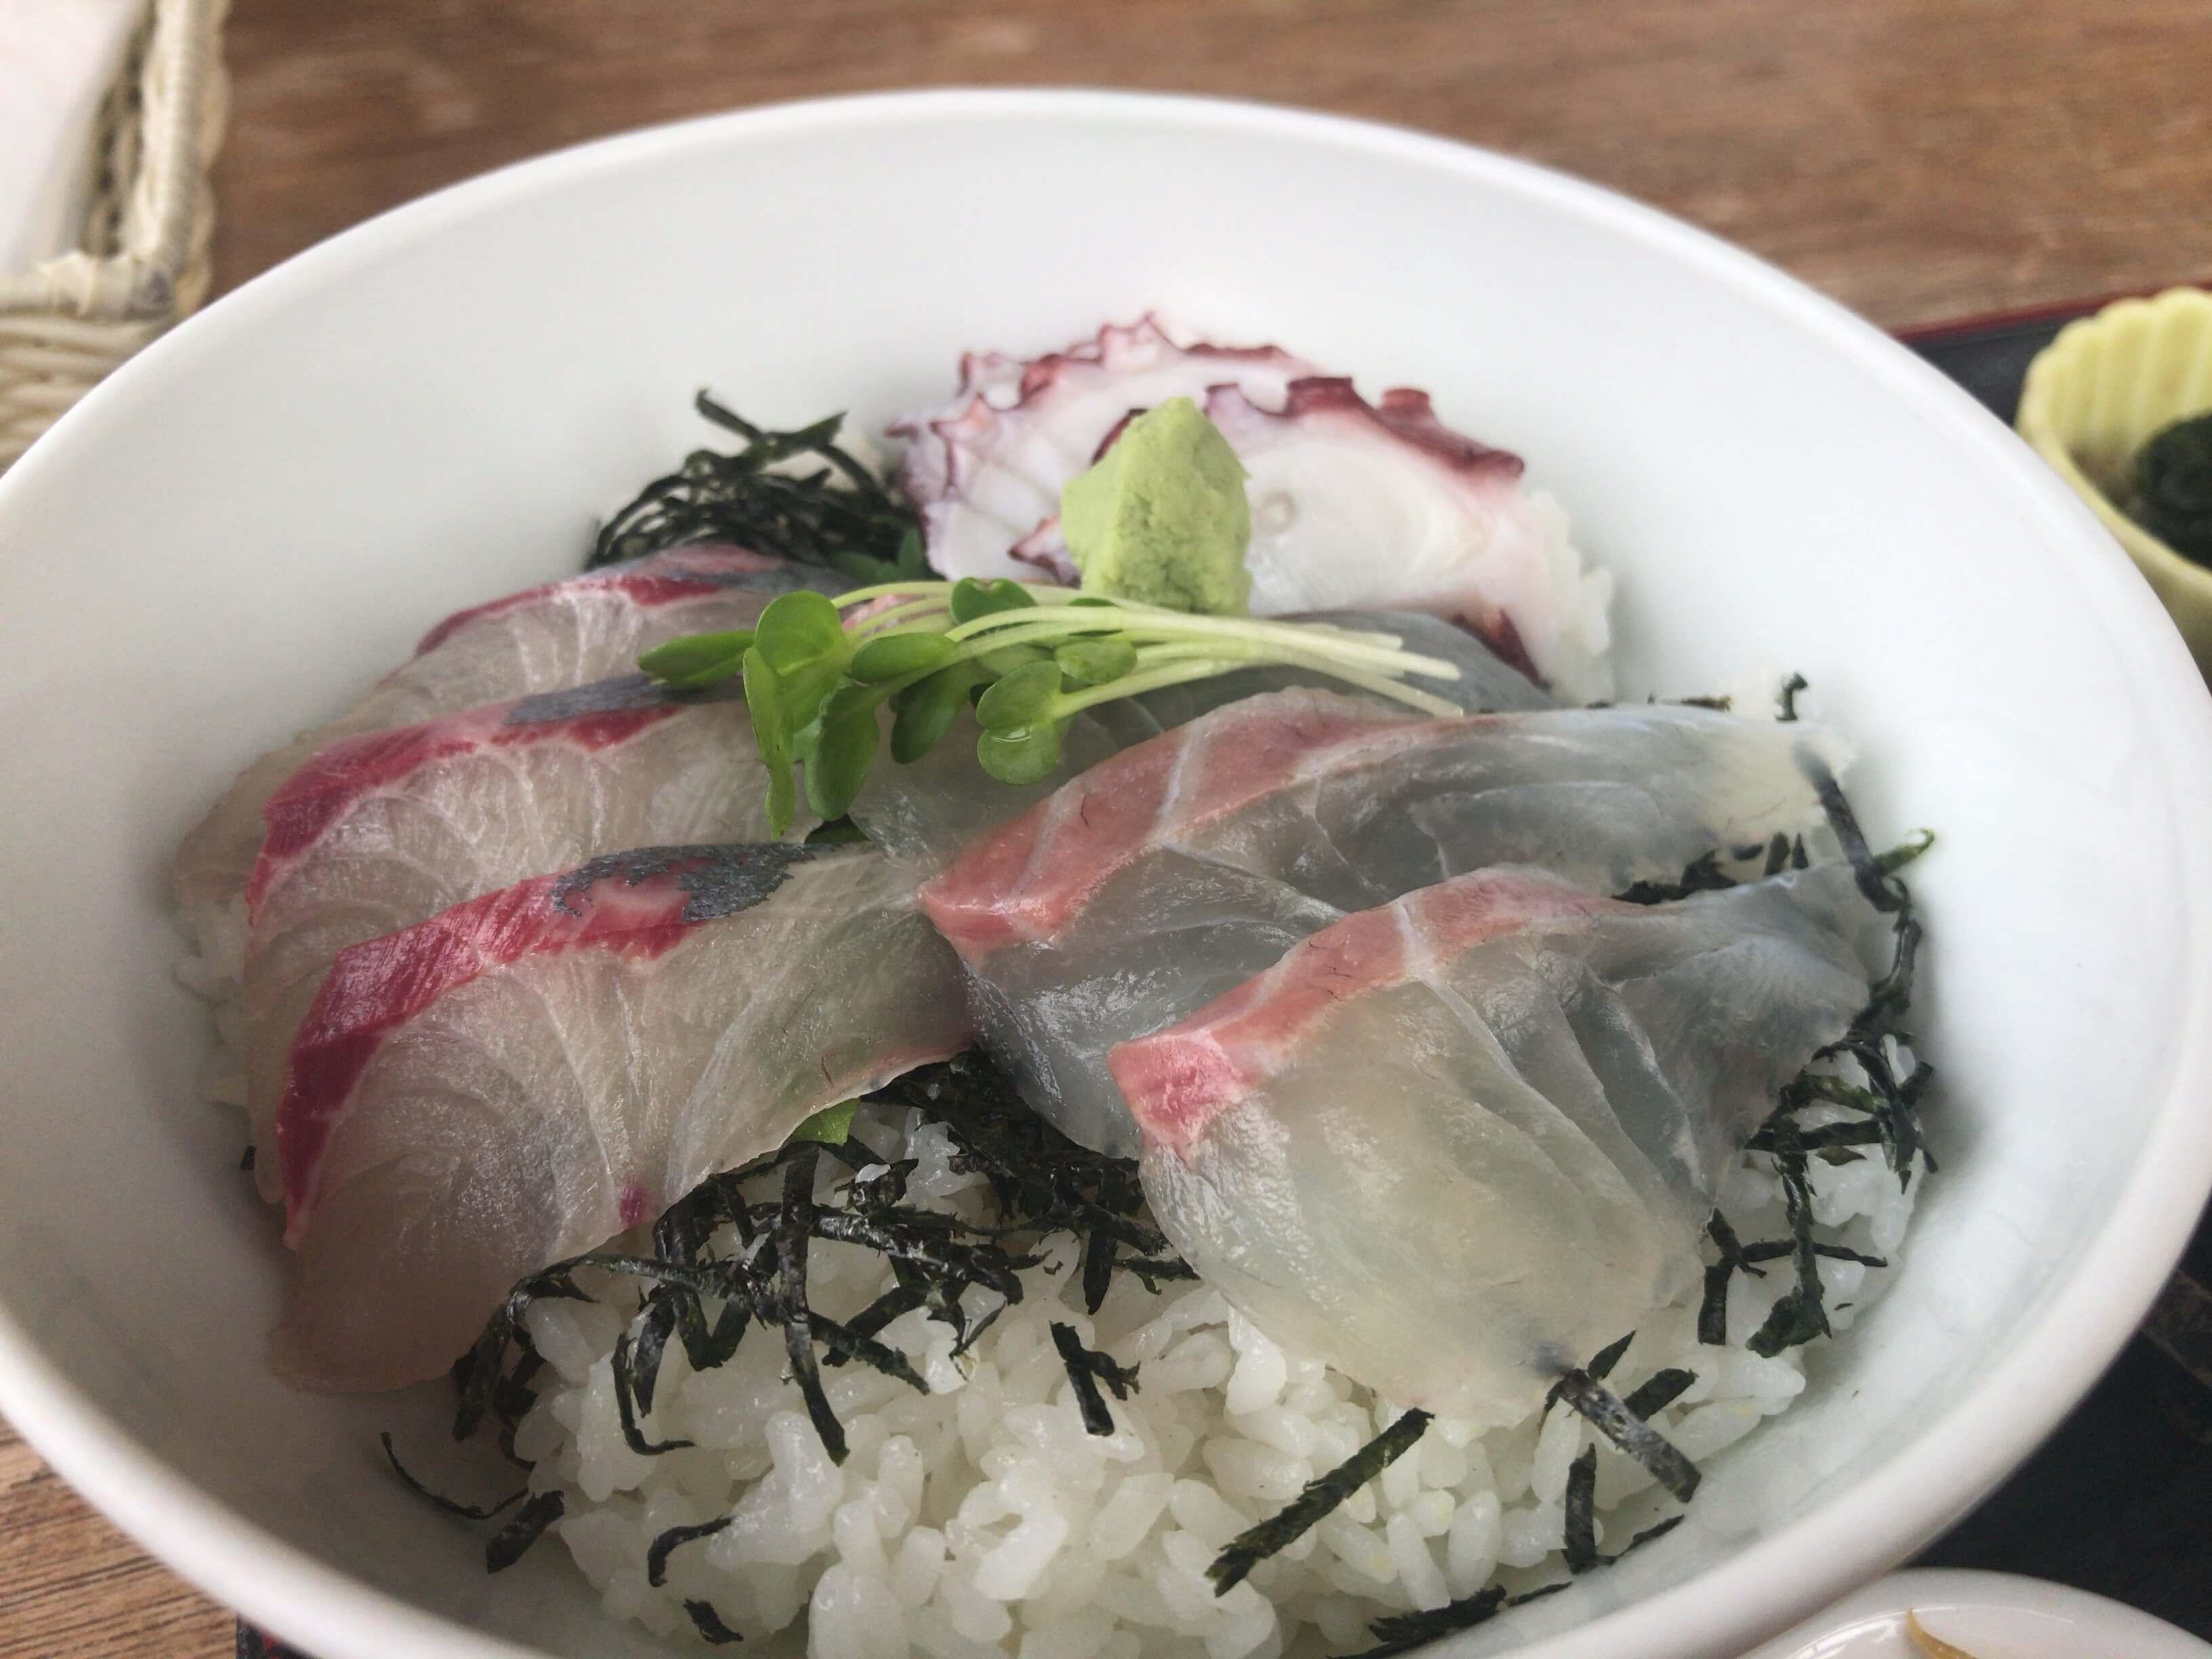 【潮まねき】魚屋さん直営のお店。天草の新鮮な魚でいただく海鮮丼はやっぱり美味い。